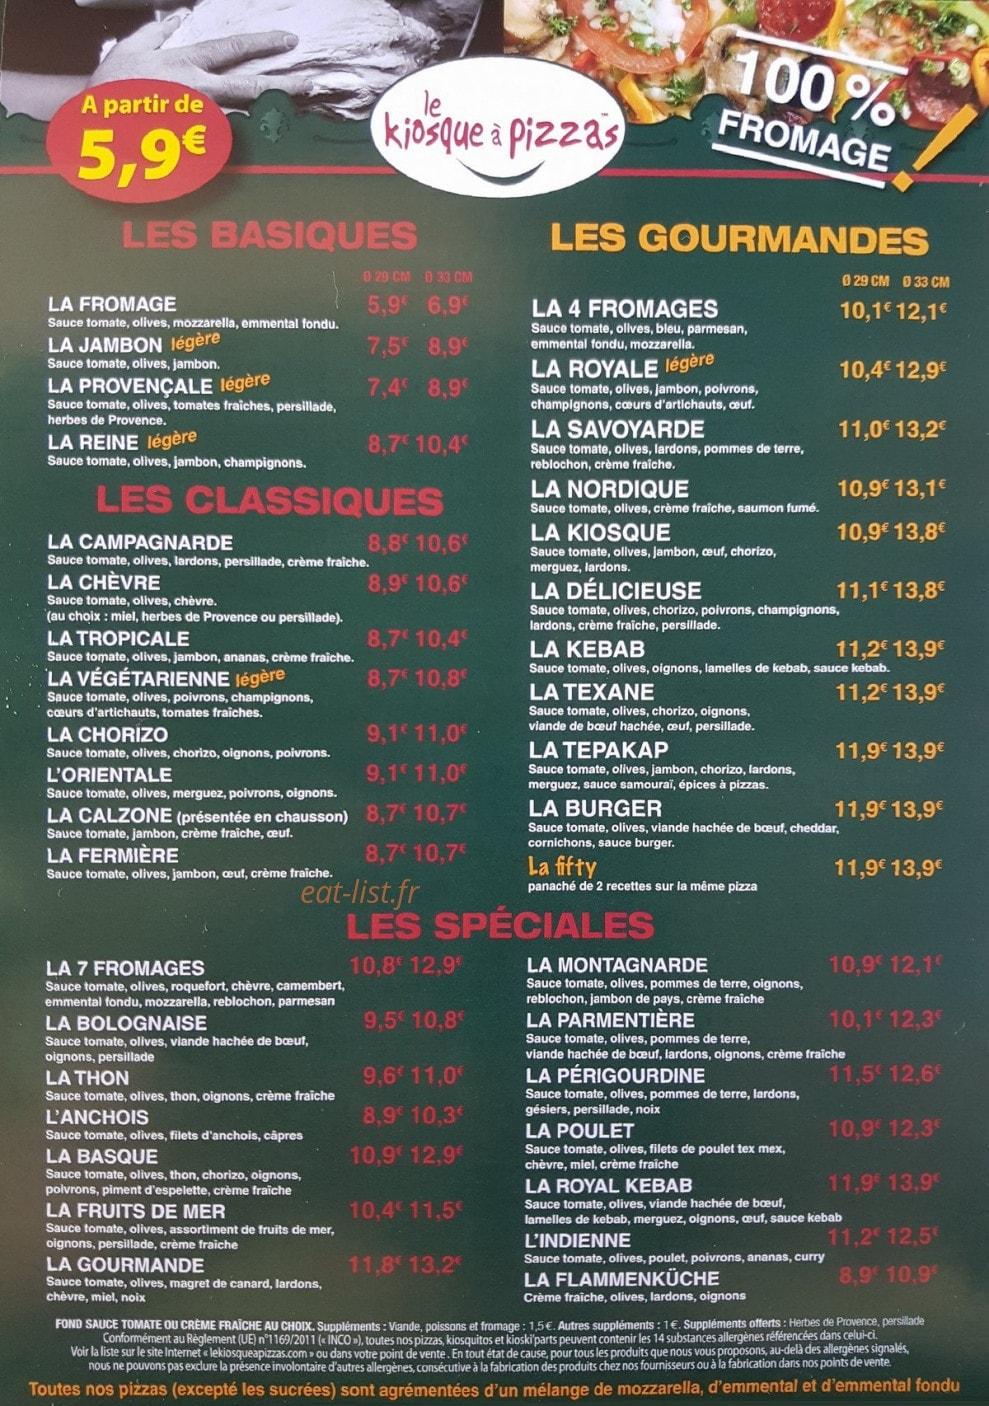 carte kiosque a pizza Le Kiosque à Pizzas à Montignac, carte menu et photo